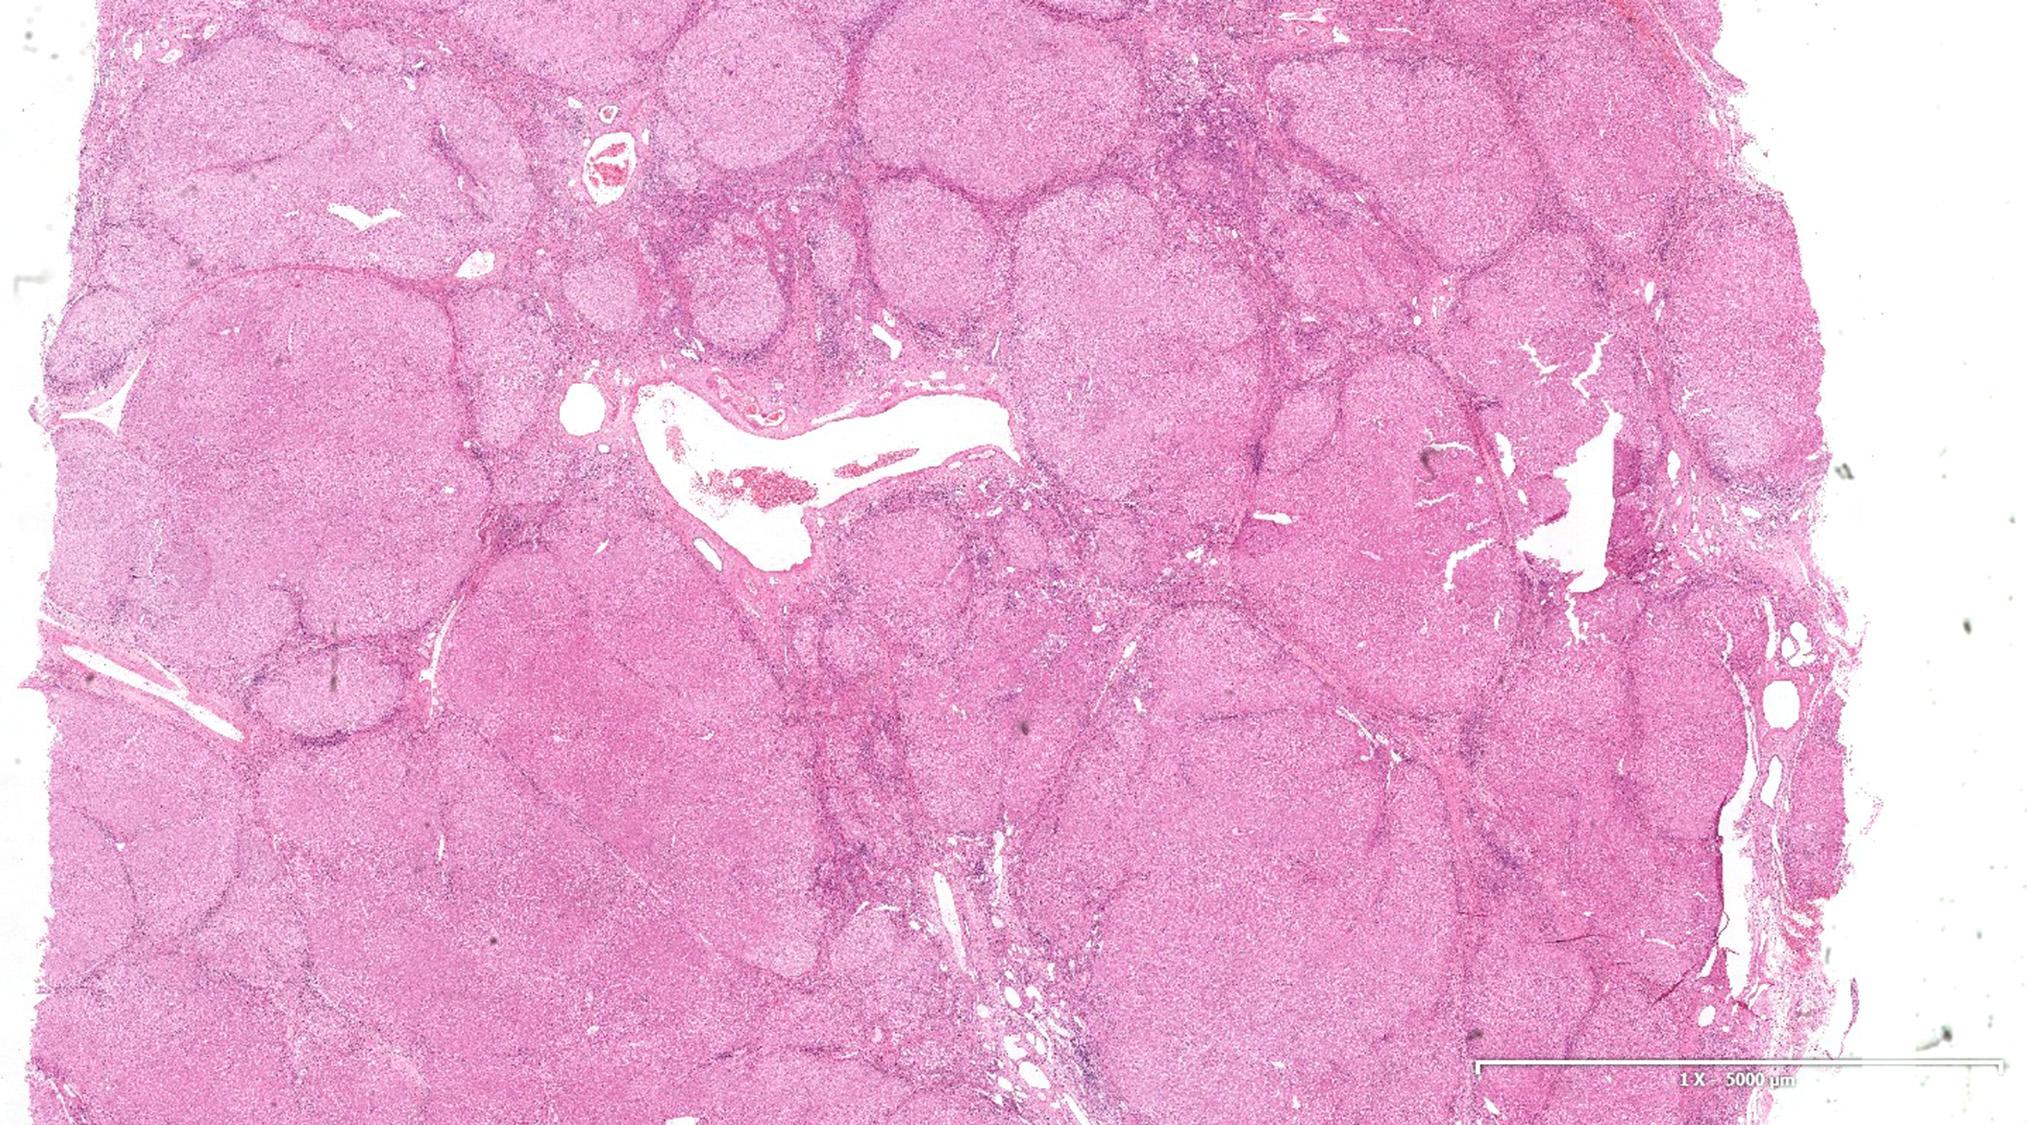 Biliary type cirrhosis